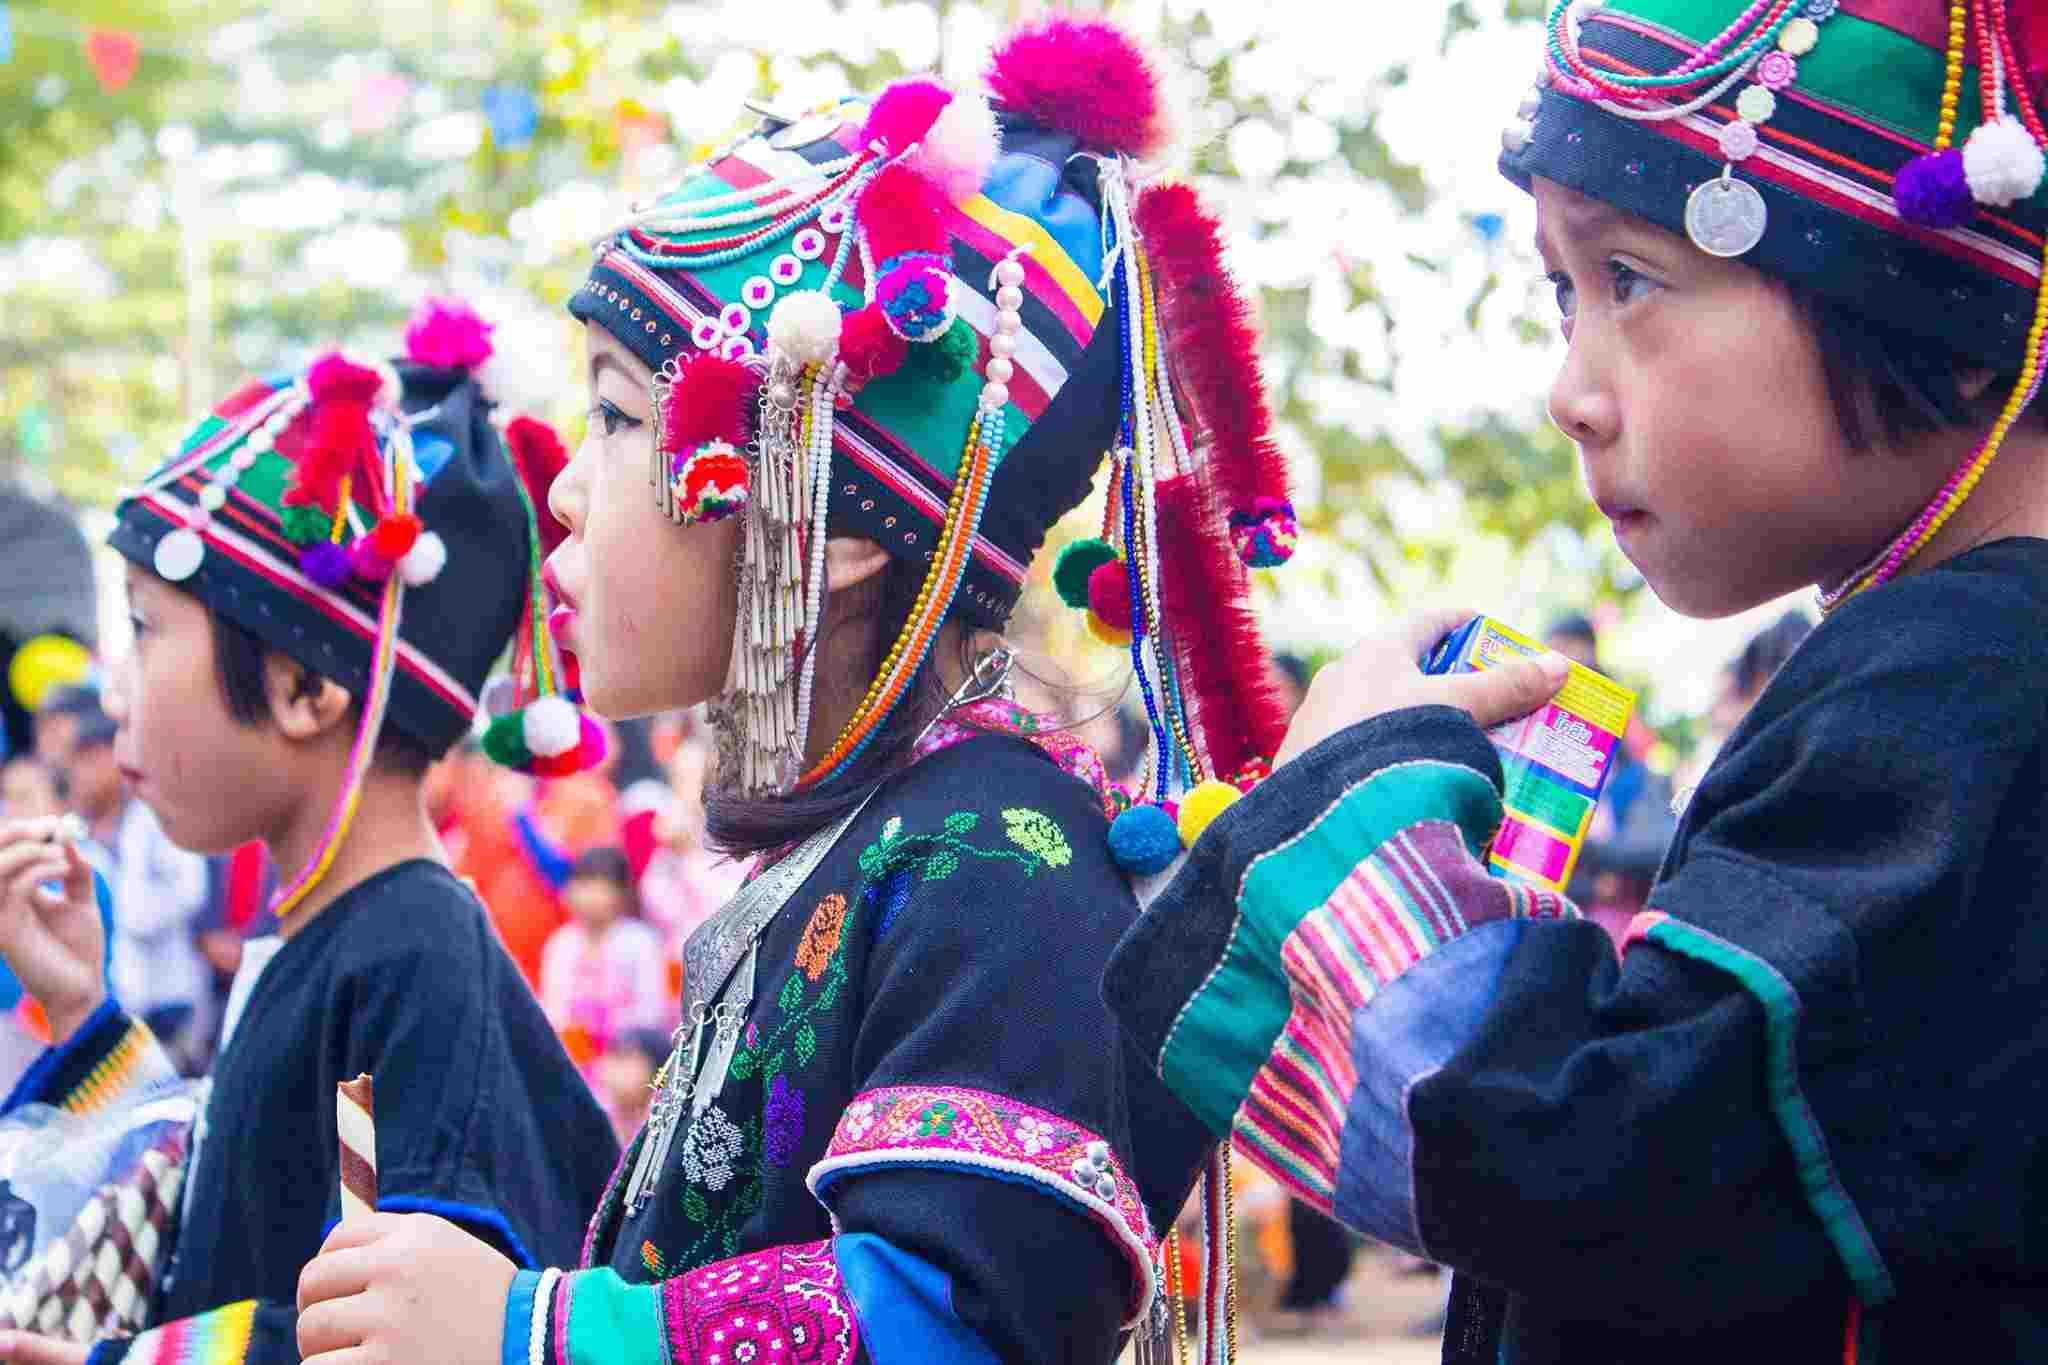 山岳民族の衣装に身を包む子どもたち